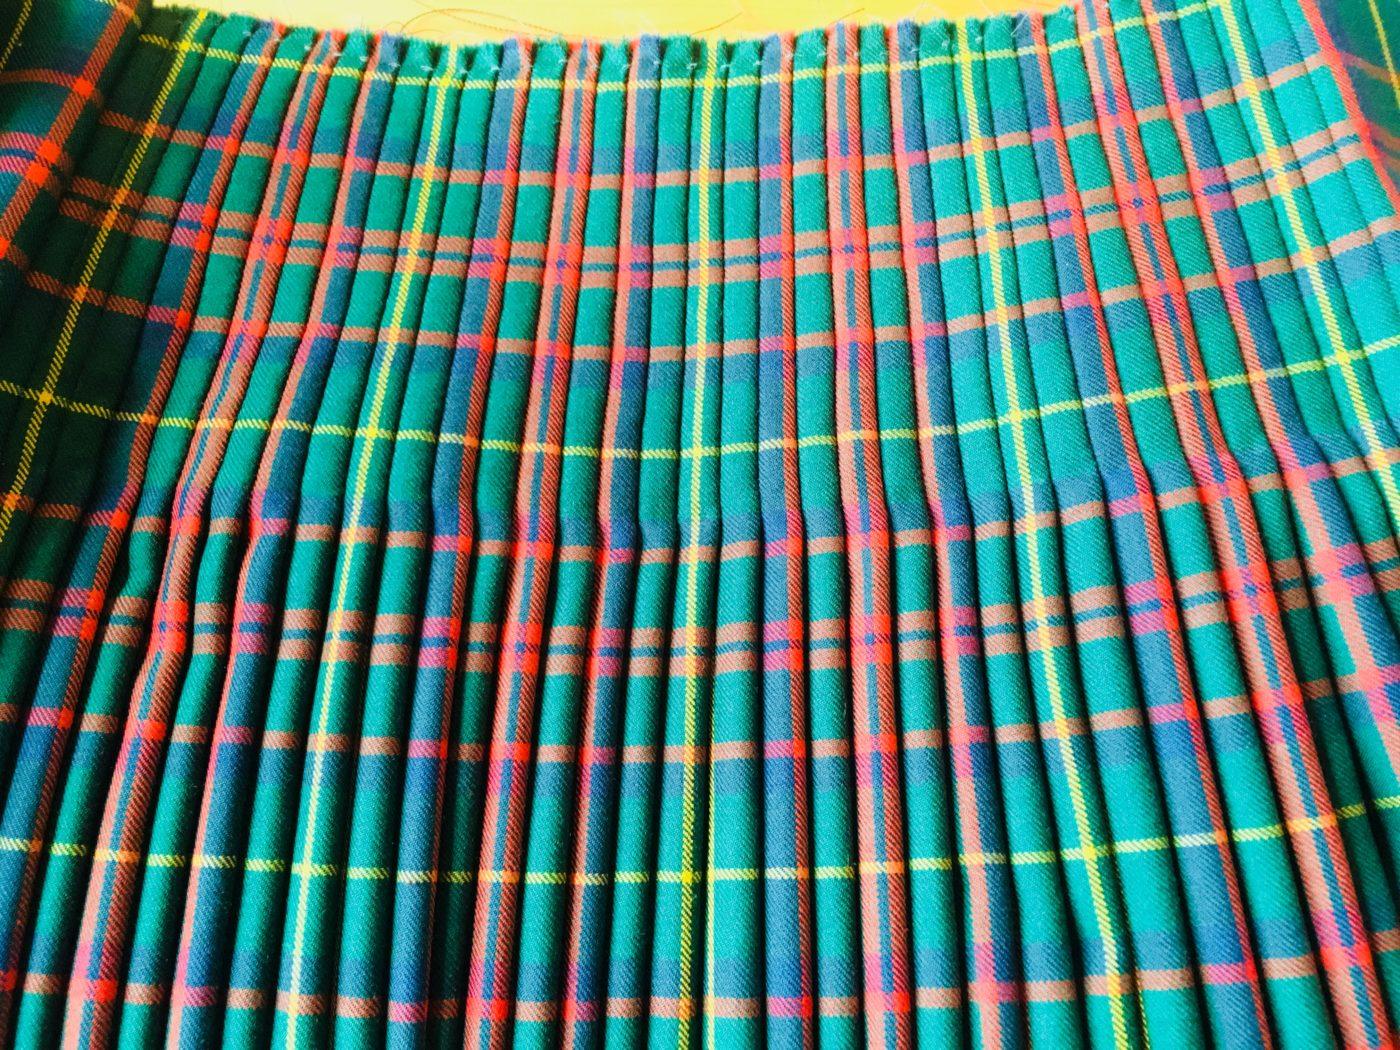 スコットランド人男性に依頼され結婚式用に作ったキルト